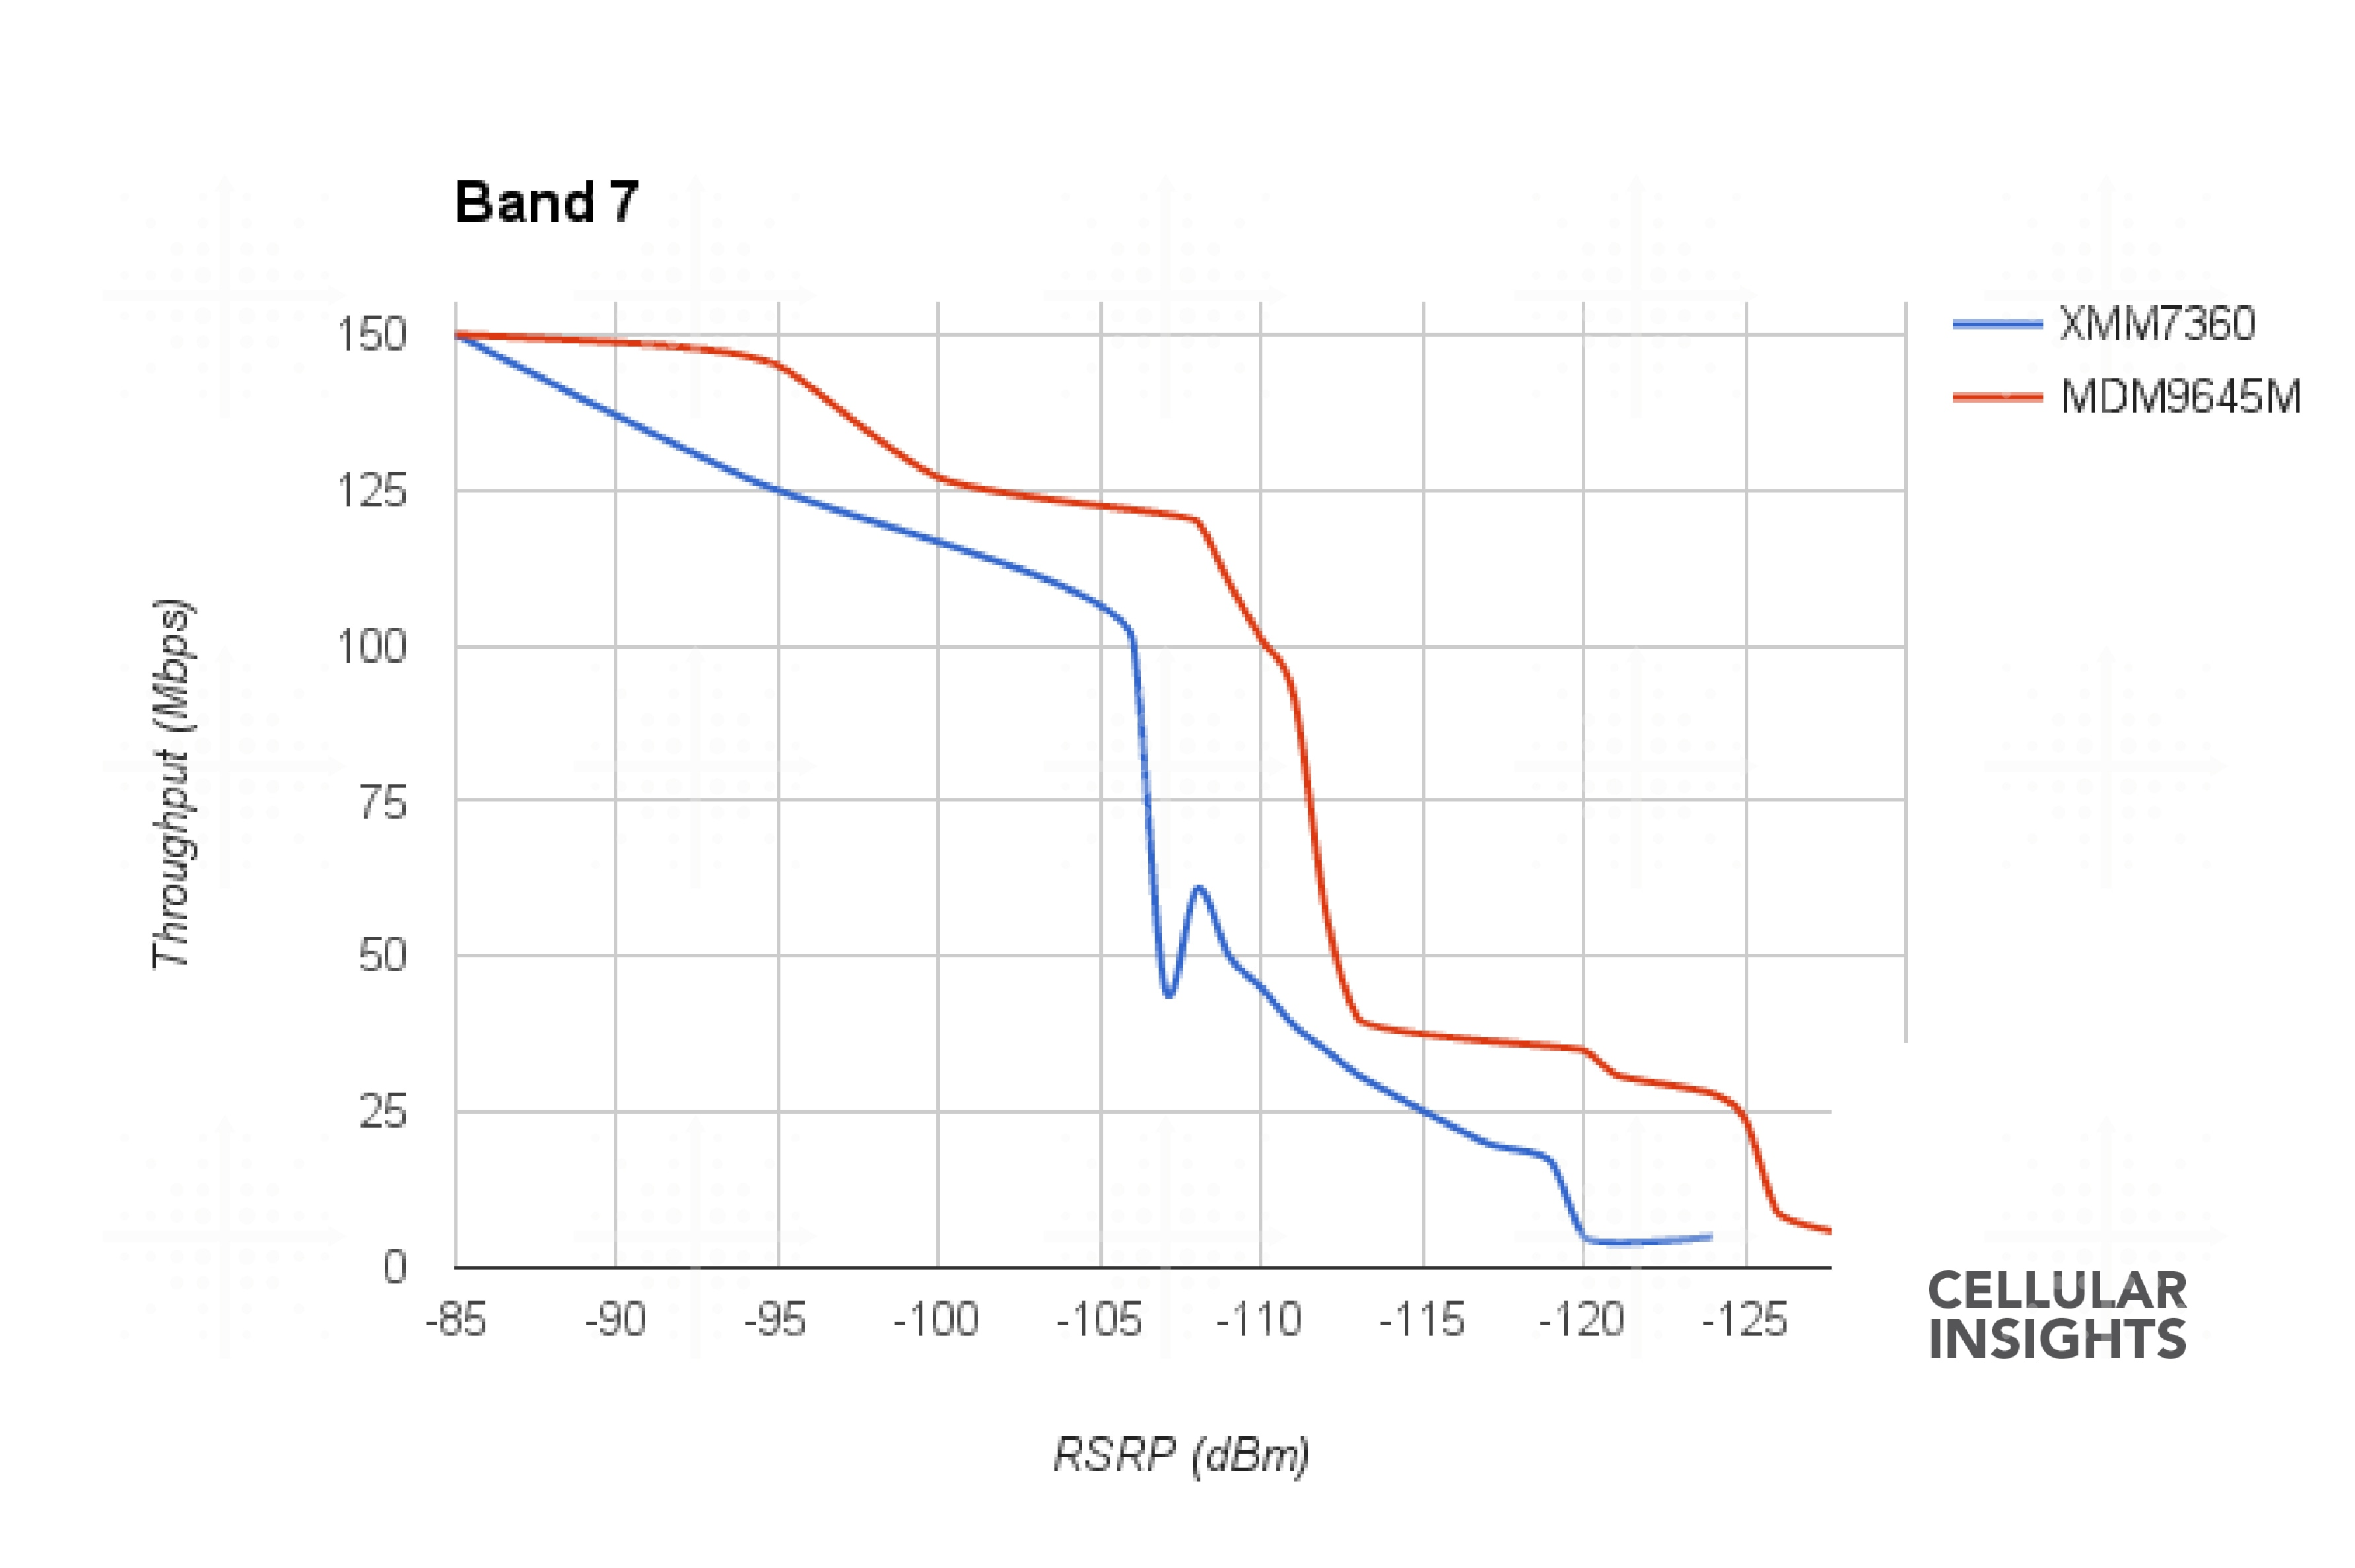 Comparativo dos modems da Intel e da Qualcomm, utilizados no iPhone 7 e 7 Plus, na banda 7